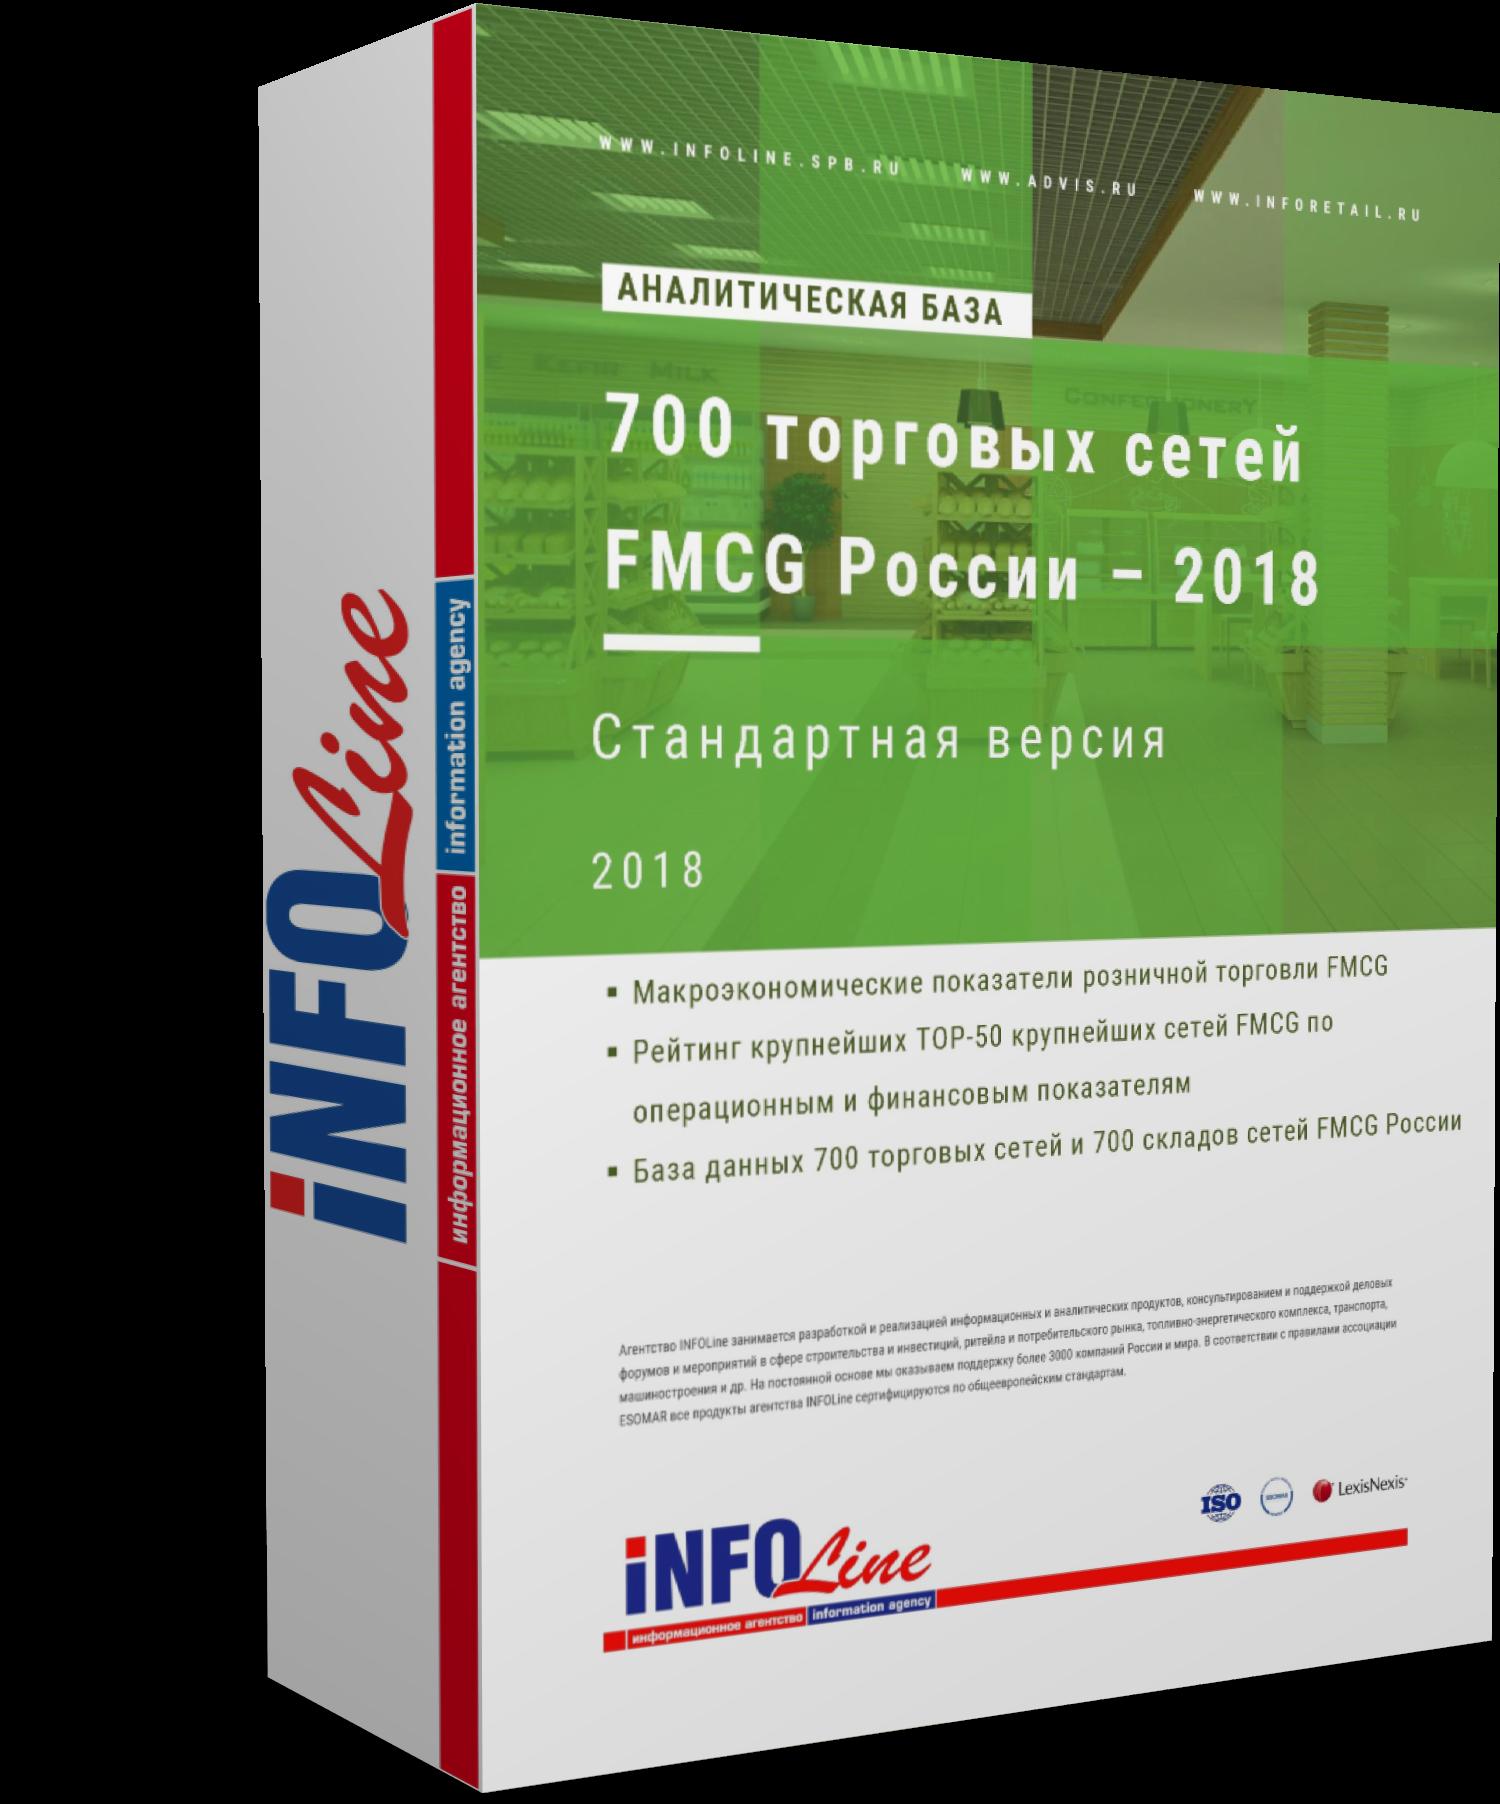 Аналитическая база: 700 торговых сетей FMCG России – 2018. Стандартная версия